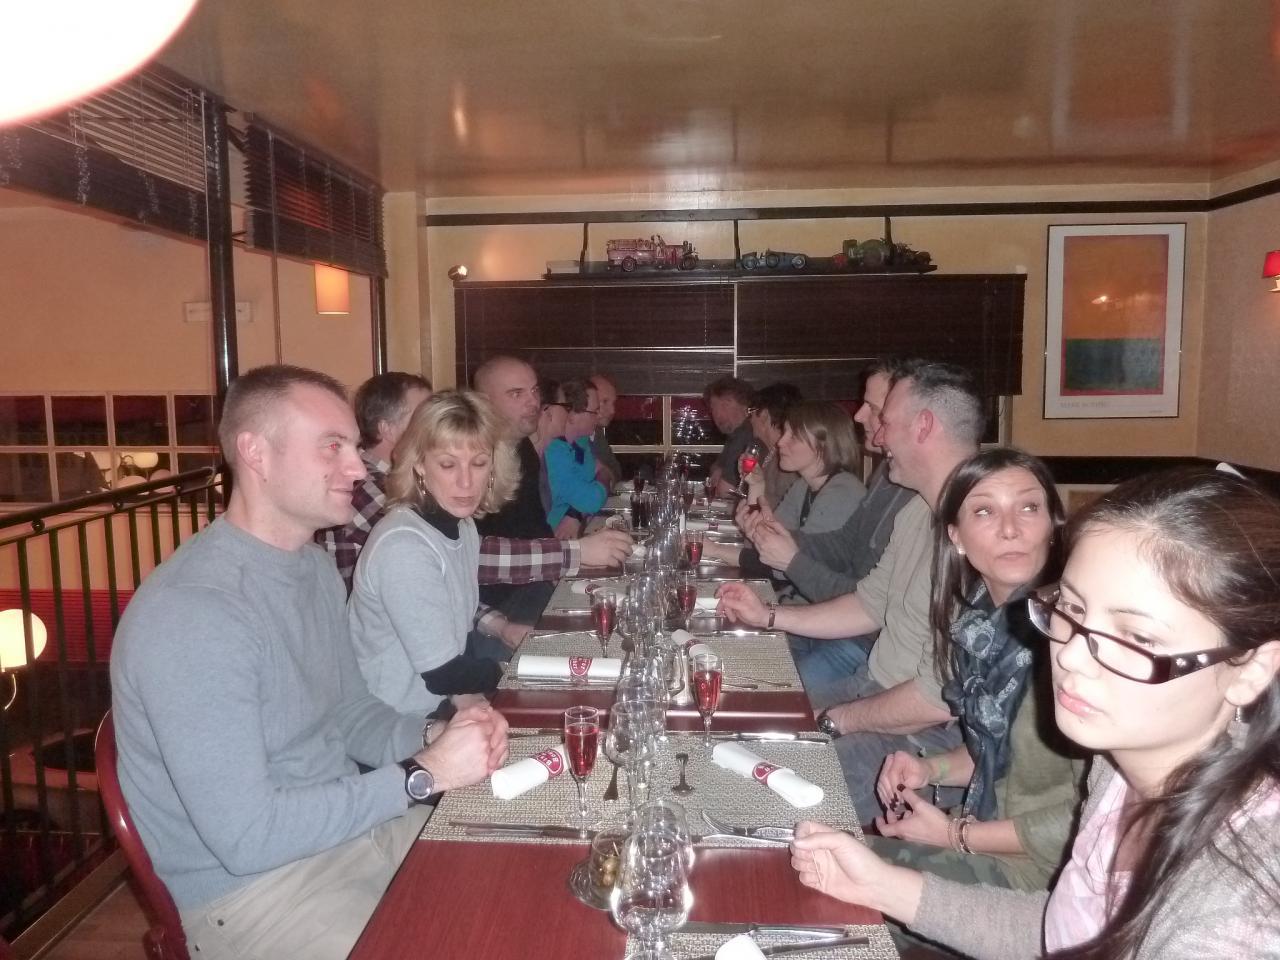 Rencontre convivial au restaurant avec les compagnes